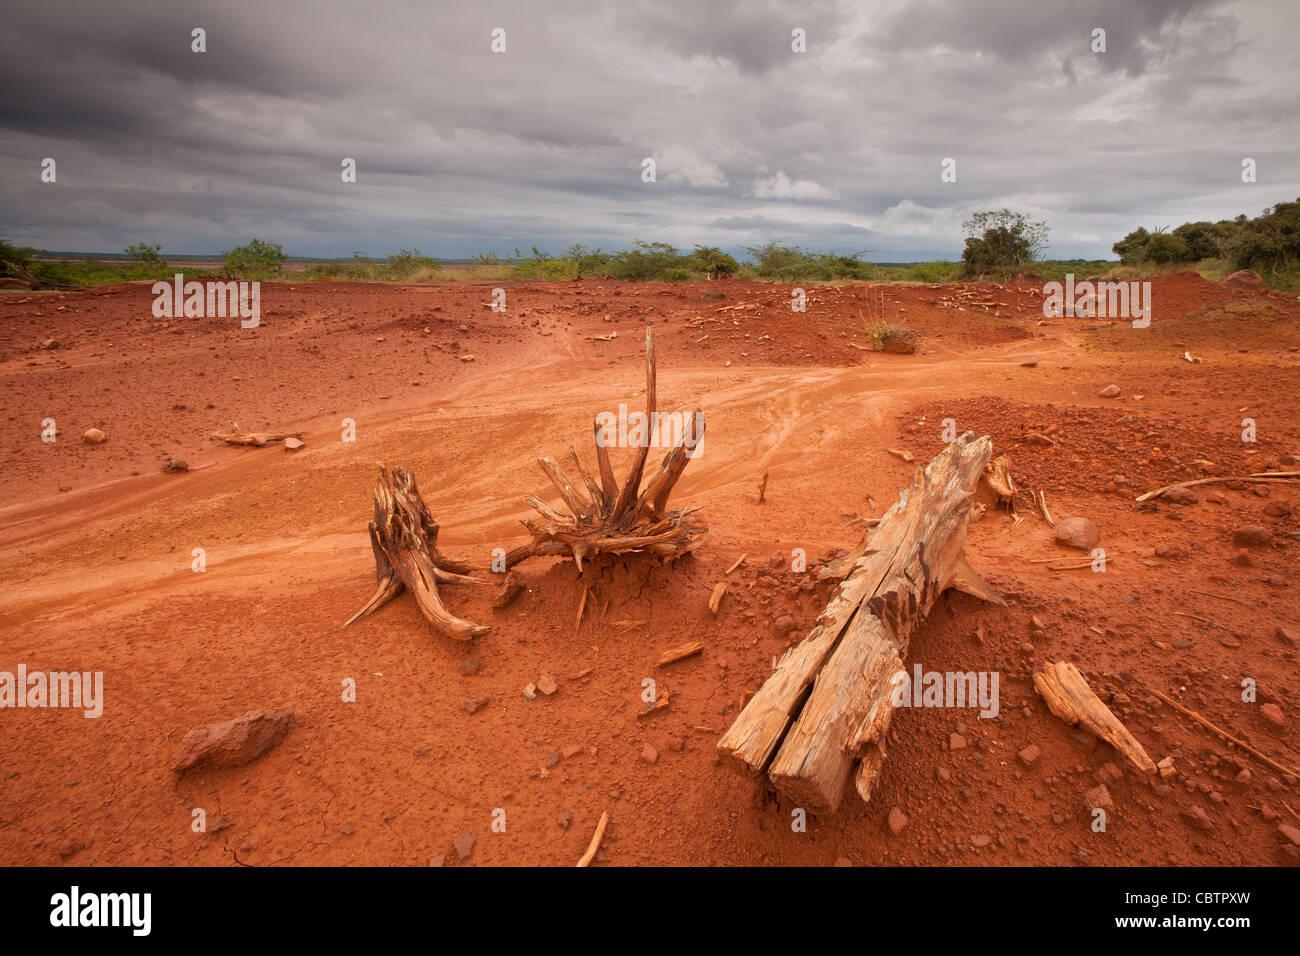 Suoli erosi in Sarigua national park (deserto) in Herrera provincia, Repubblica di Panama. Immagini Stock